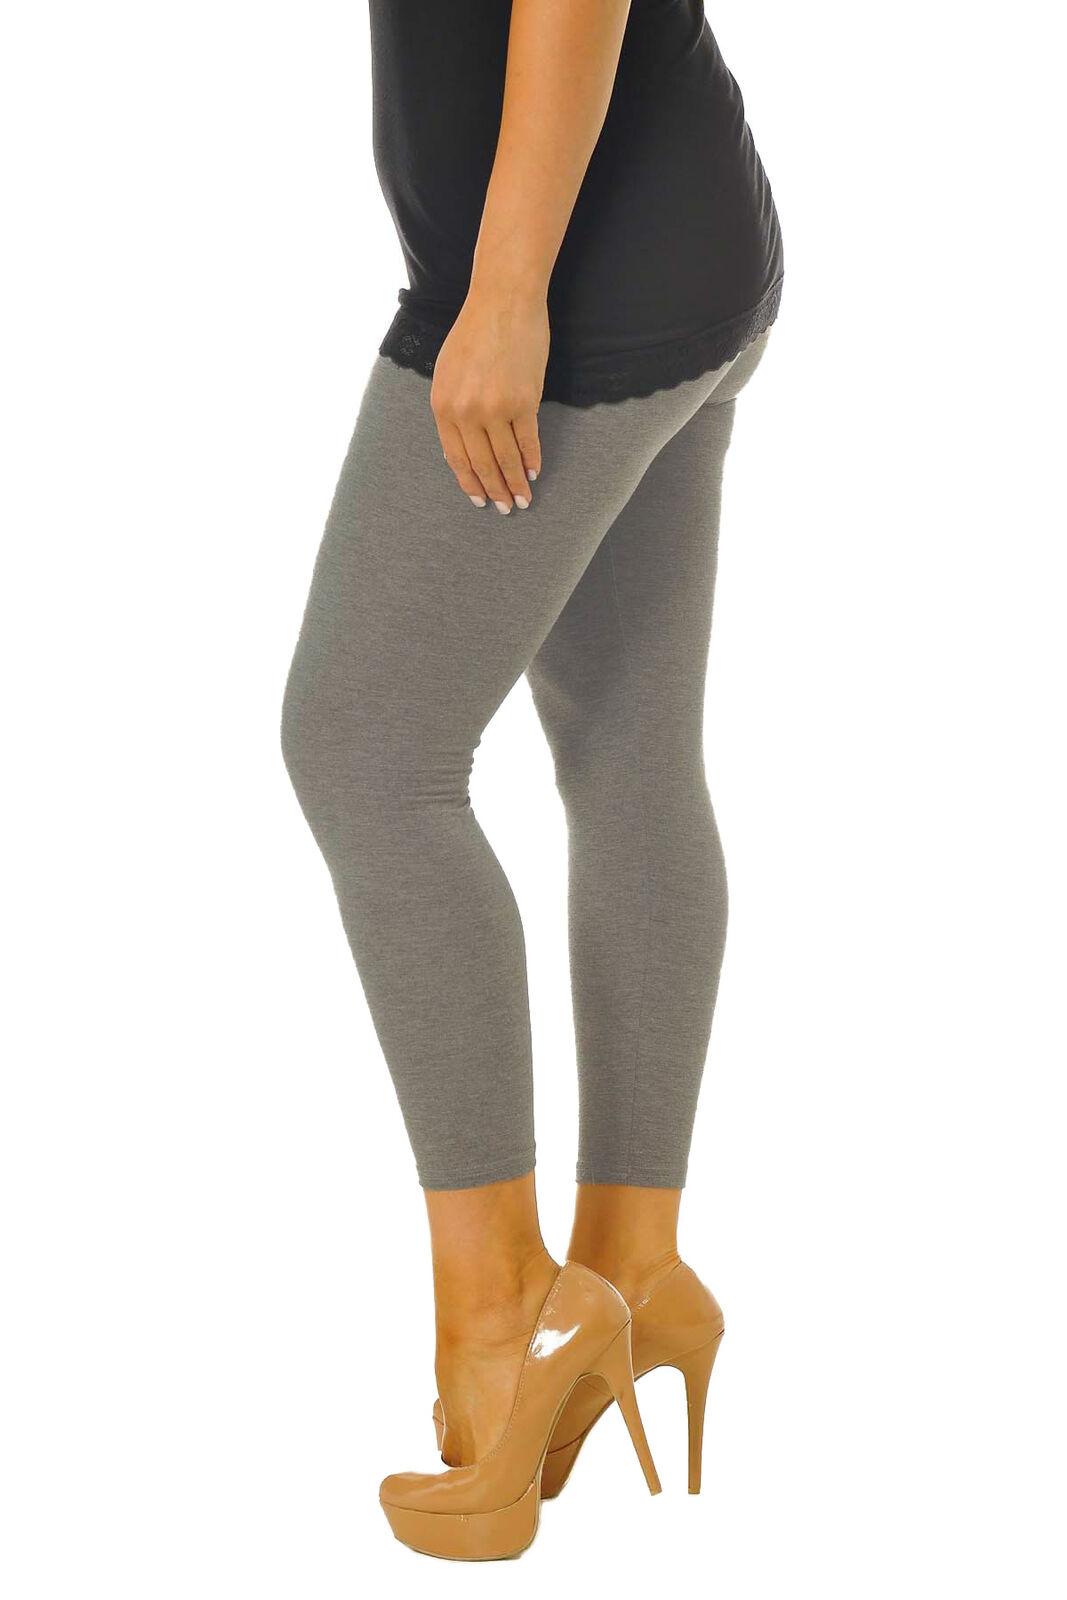 Nouveau Haut Femmes Uni Strechy Viscose Pleine Longueur Legging Grande Taille 8 To 26